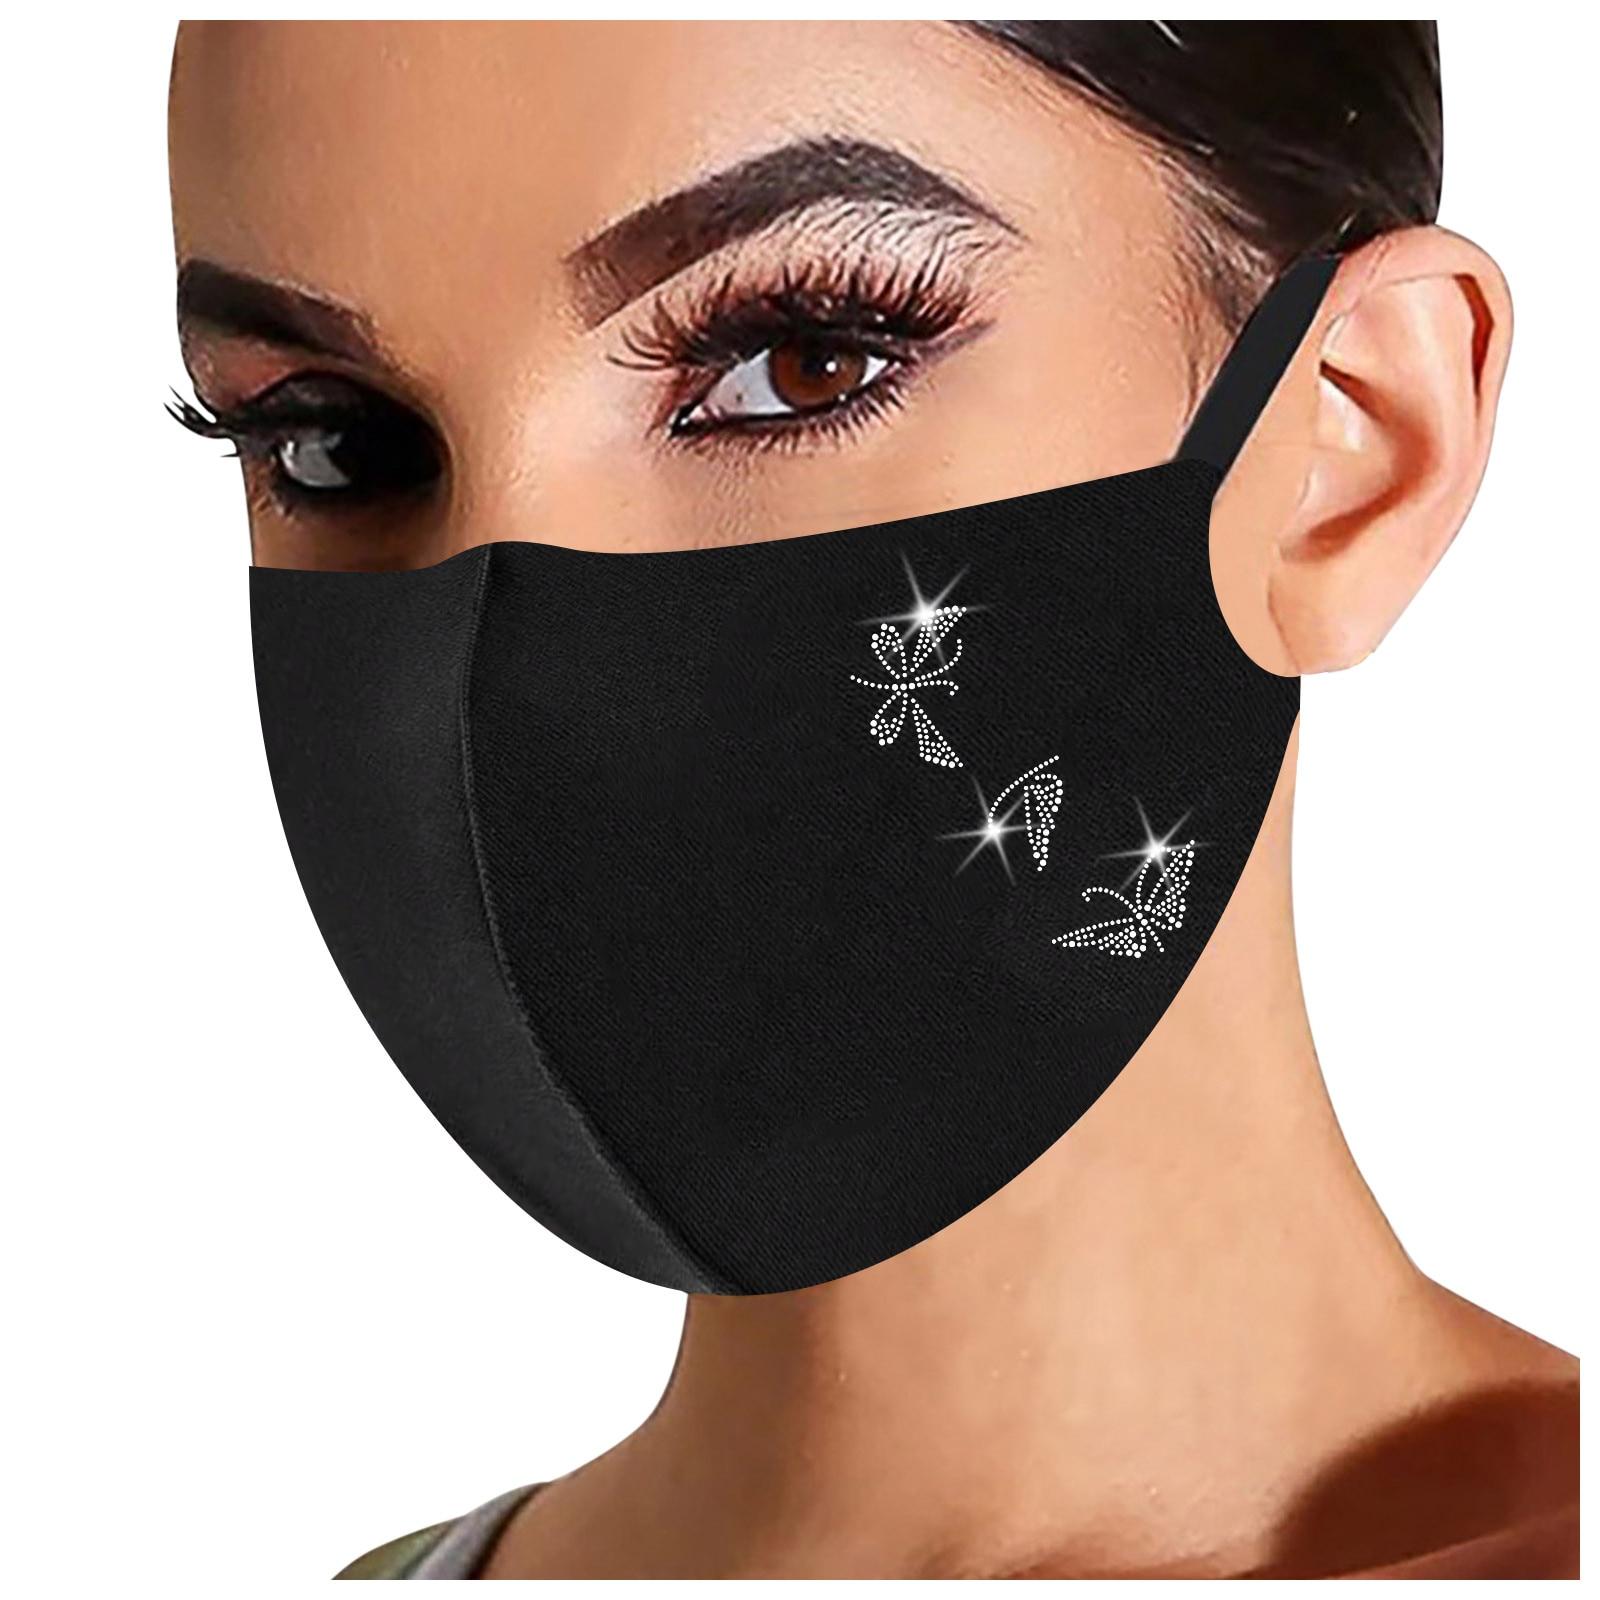 1 шт. модные маска Стразы блестящие маски для лица унисекс стирающаяся дышащая хлопковая маска для губ на открытом воздухе, маска с защитой о...